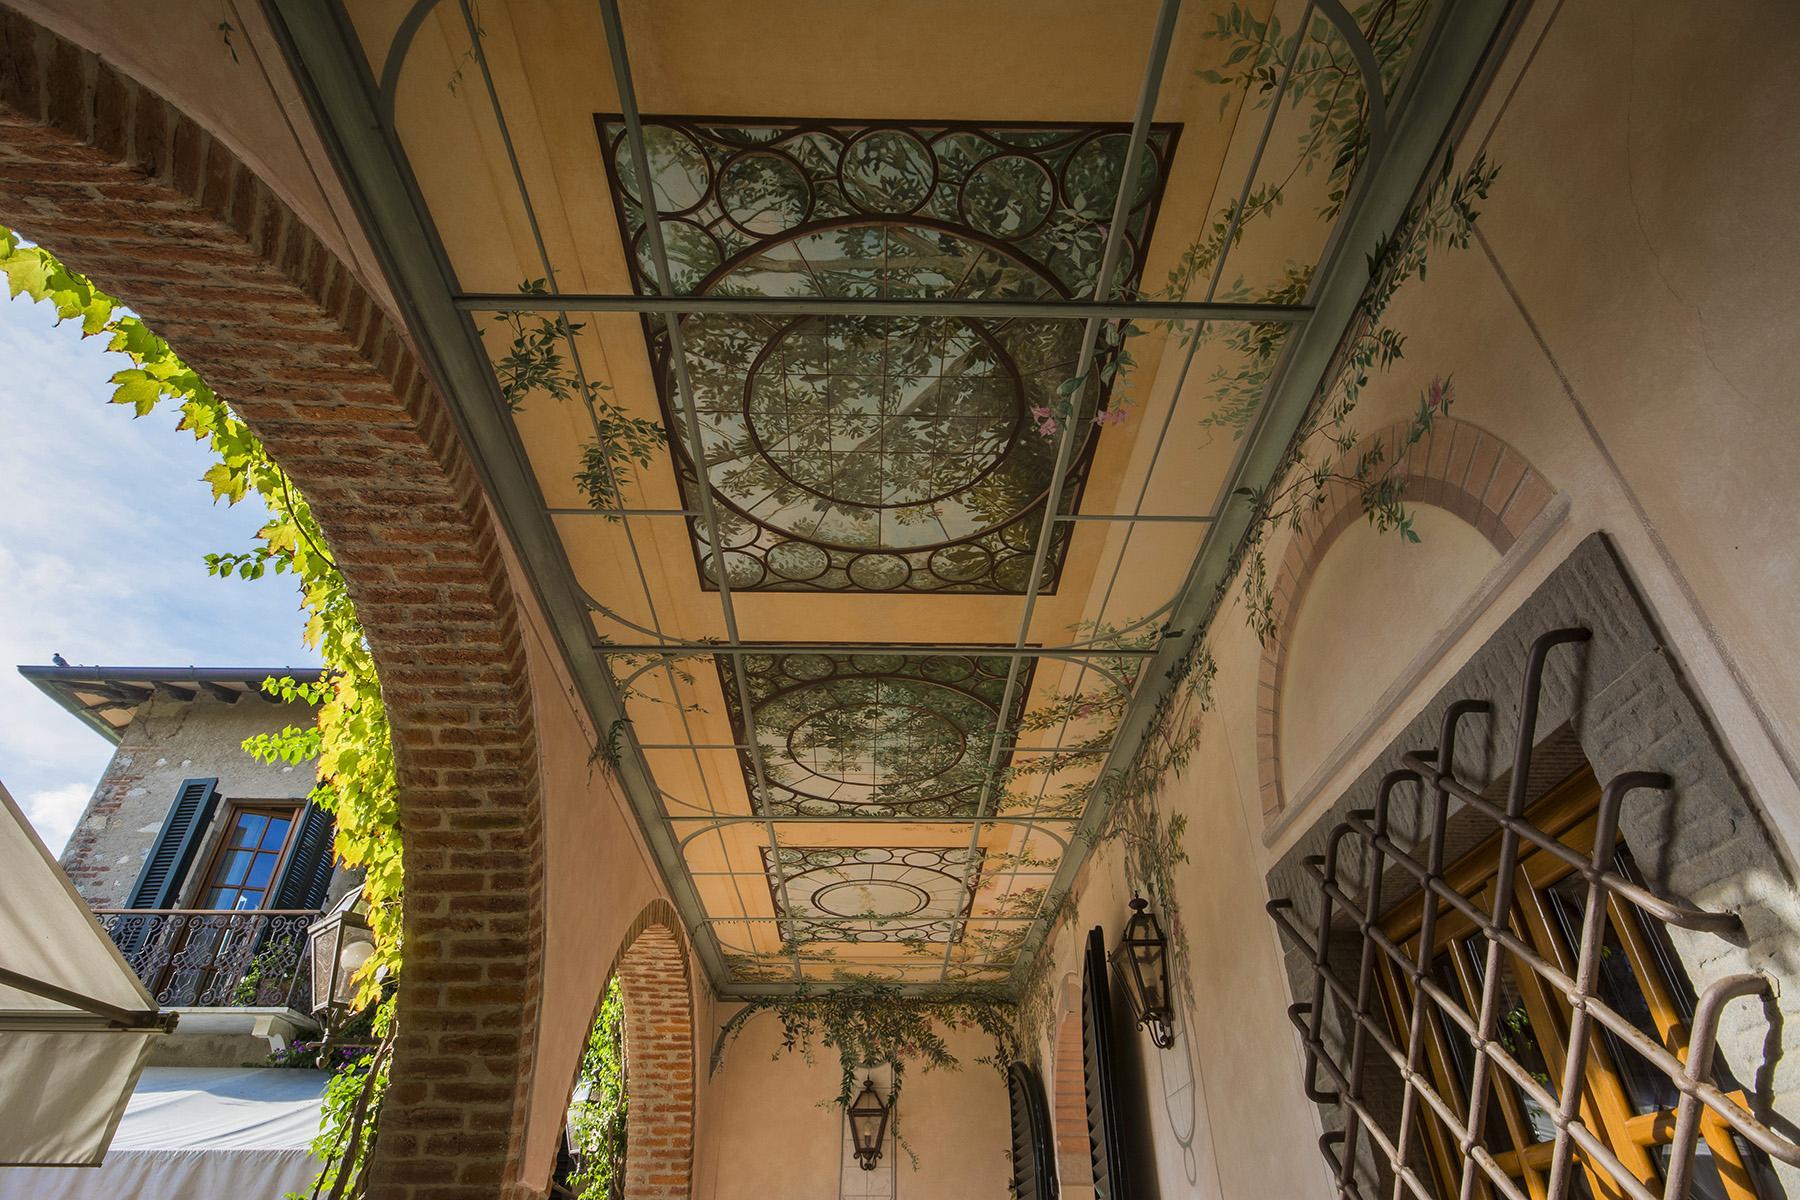 坐落在Marina di Pietrasanta的宏伟建筑 - 13